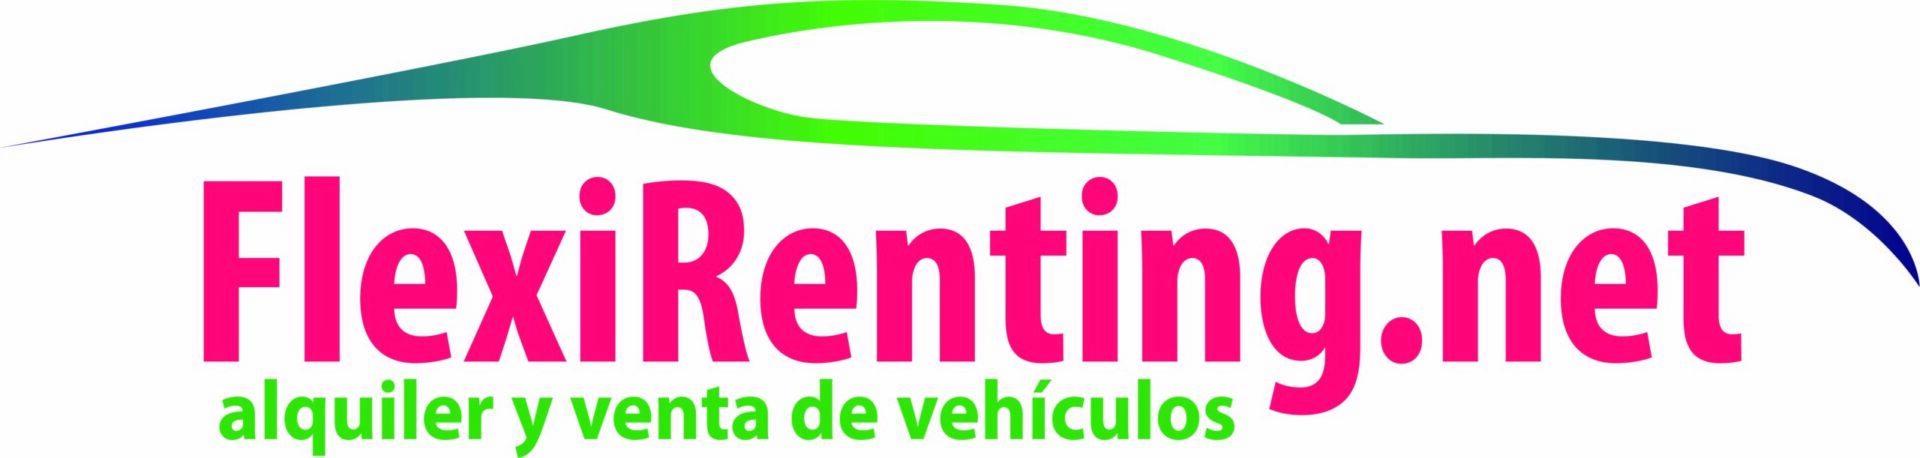 Renting particulares en Valencia